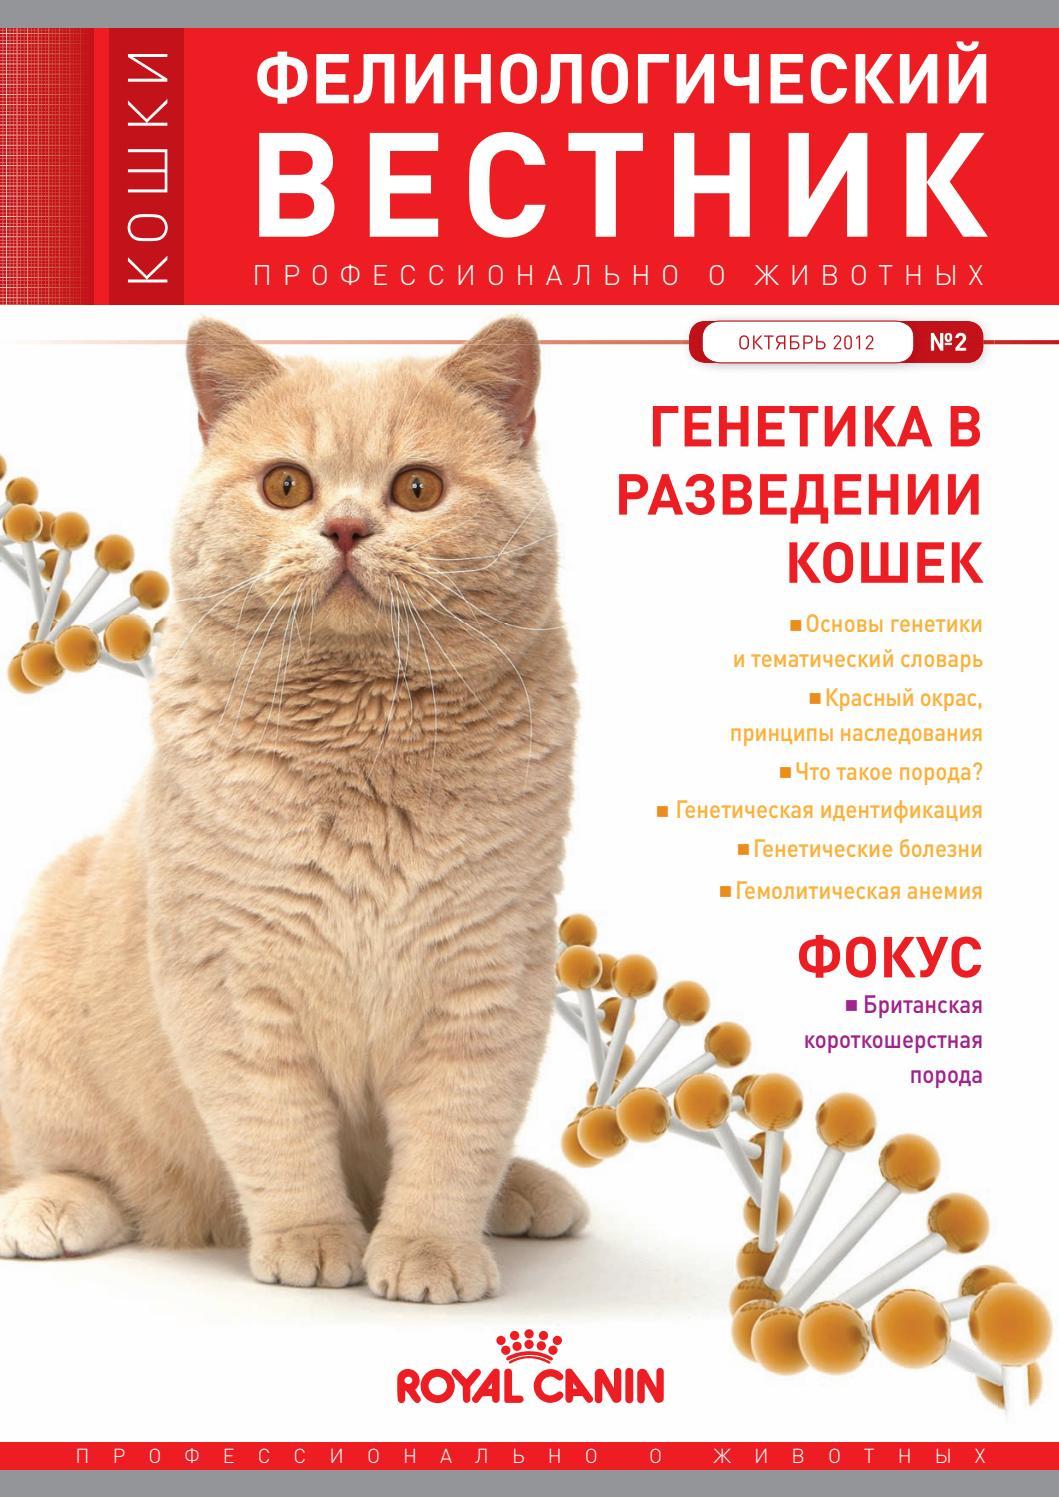 Питомники британских кошек голден стар г.кемерово казино вулкан бонус 100 рублей